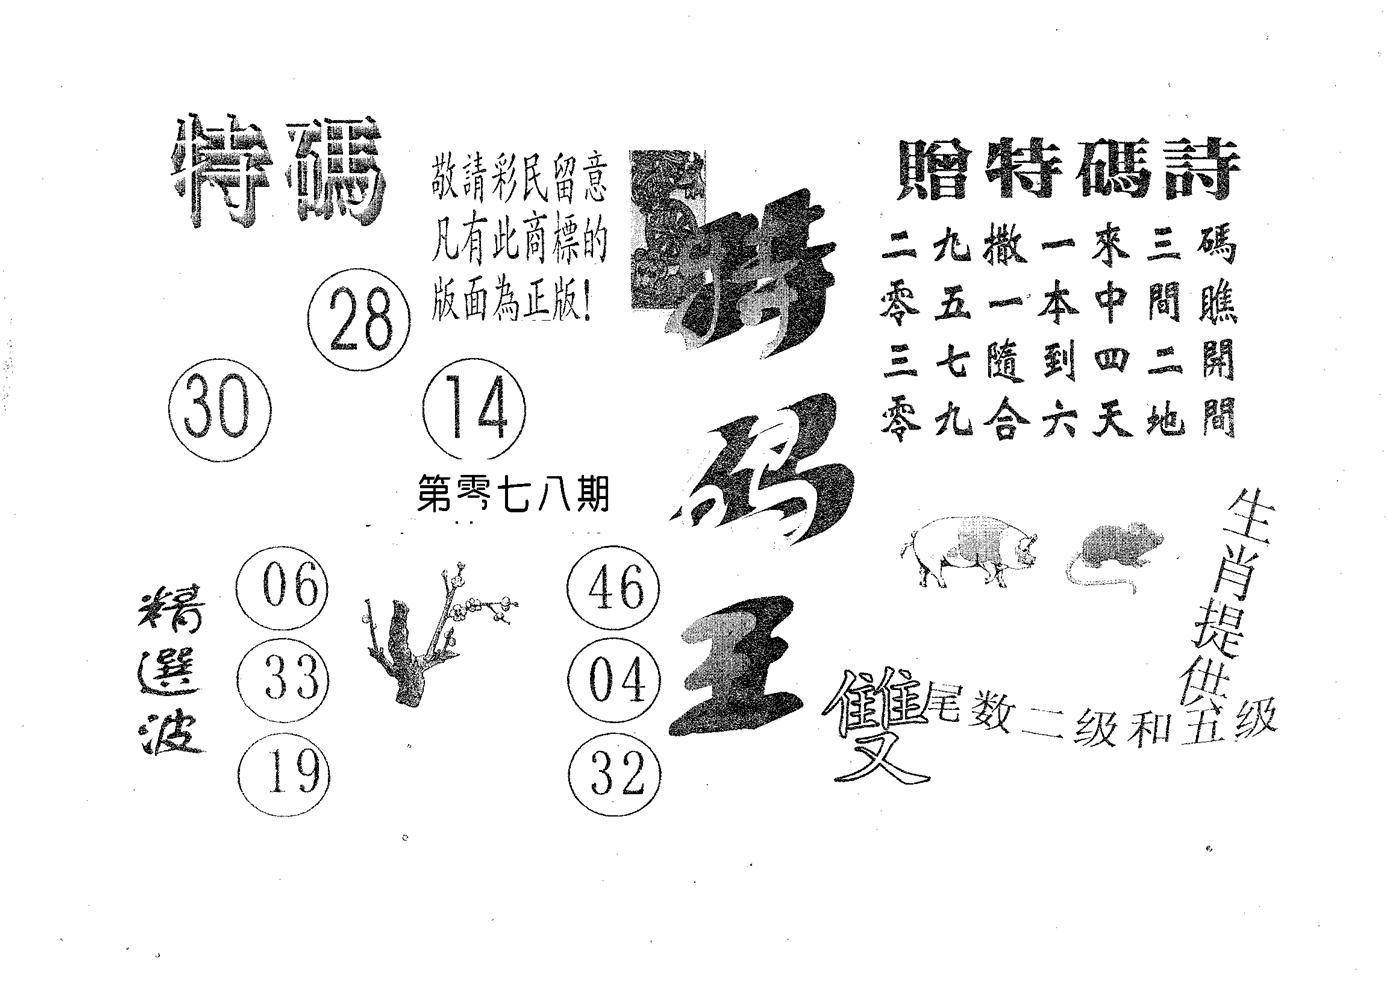 078期特码王A(黑白)